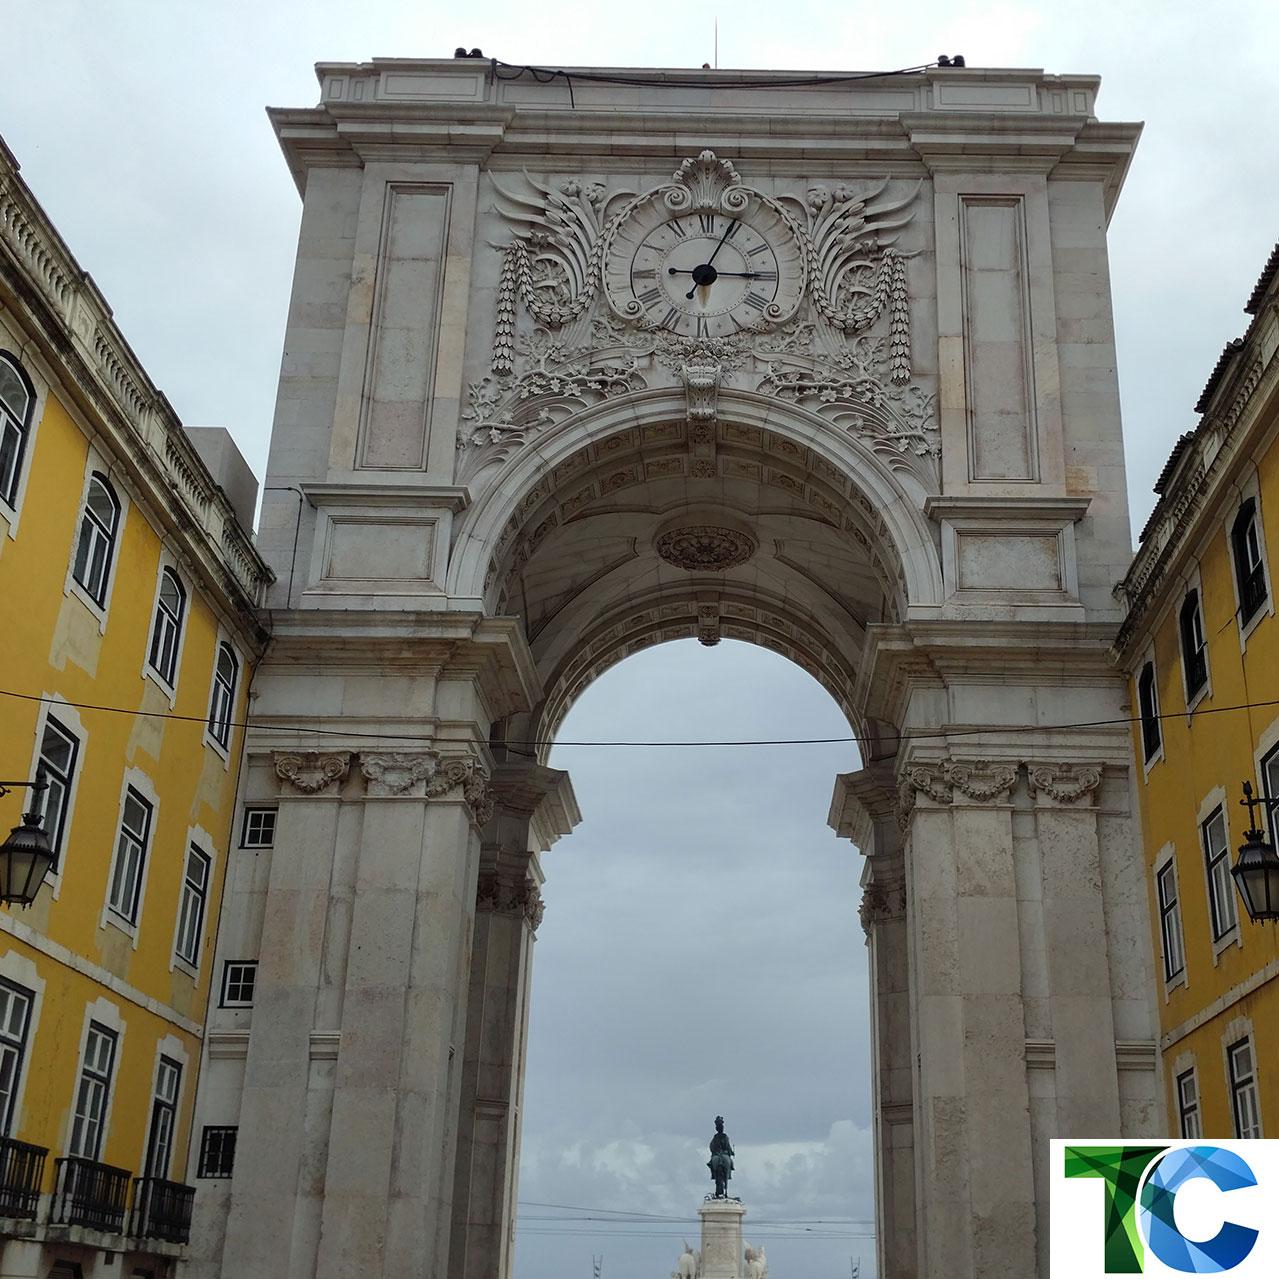 Der Arco da Rua Augusta stellt den Eingang zur Baixa Pombalina, der nach dem Erdbeben 1755 neu gebauten Innenstadt Lissabons dar. (Copyright: Thorsten Claus)